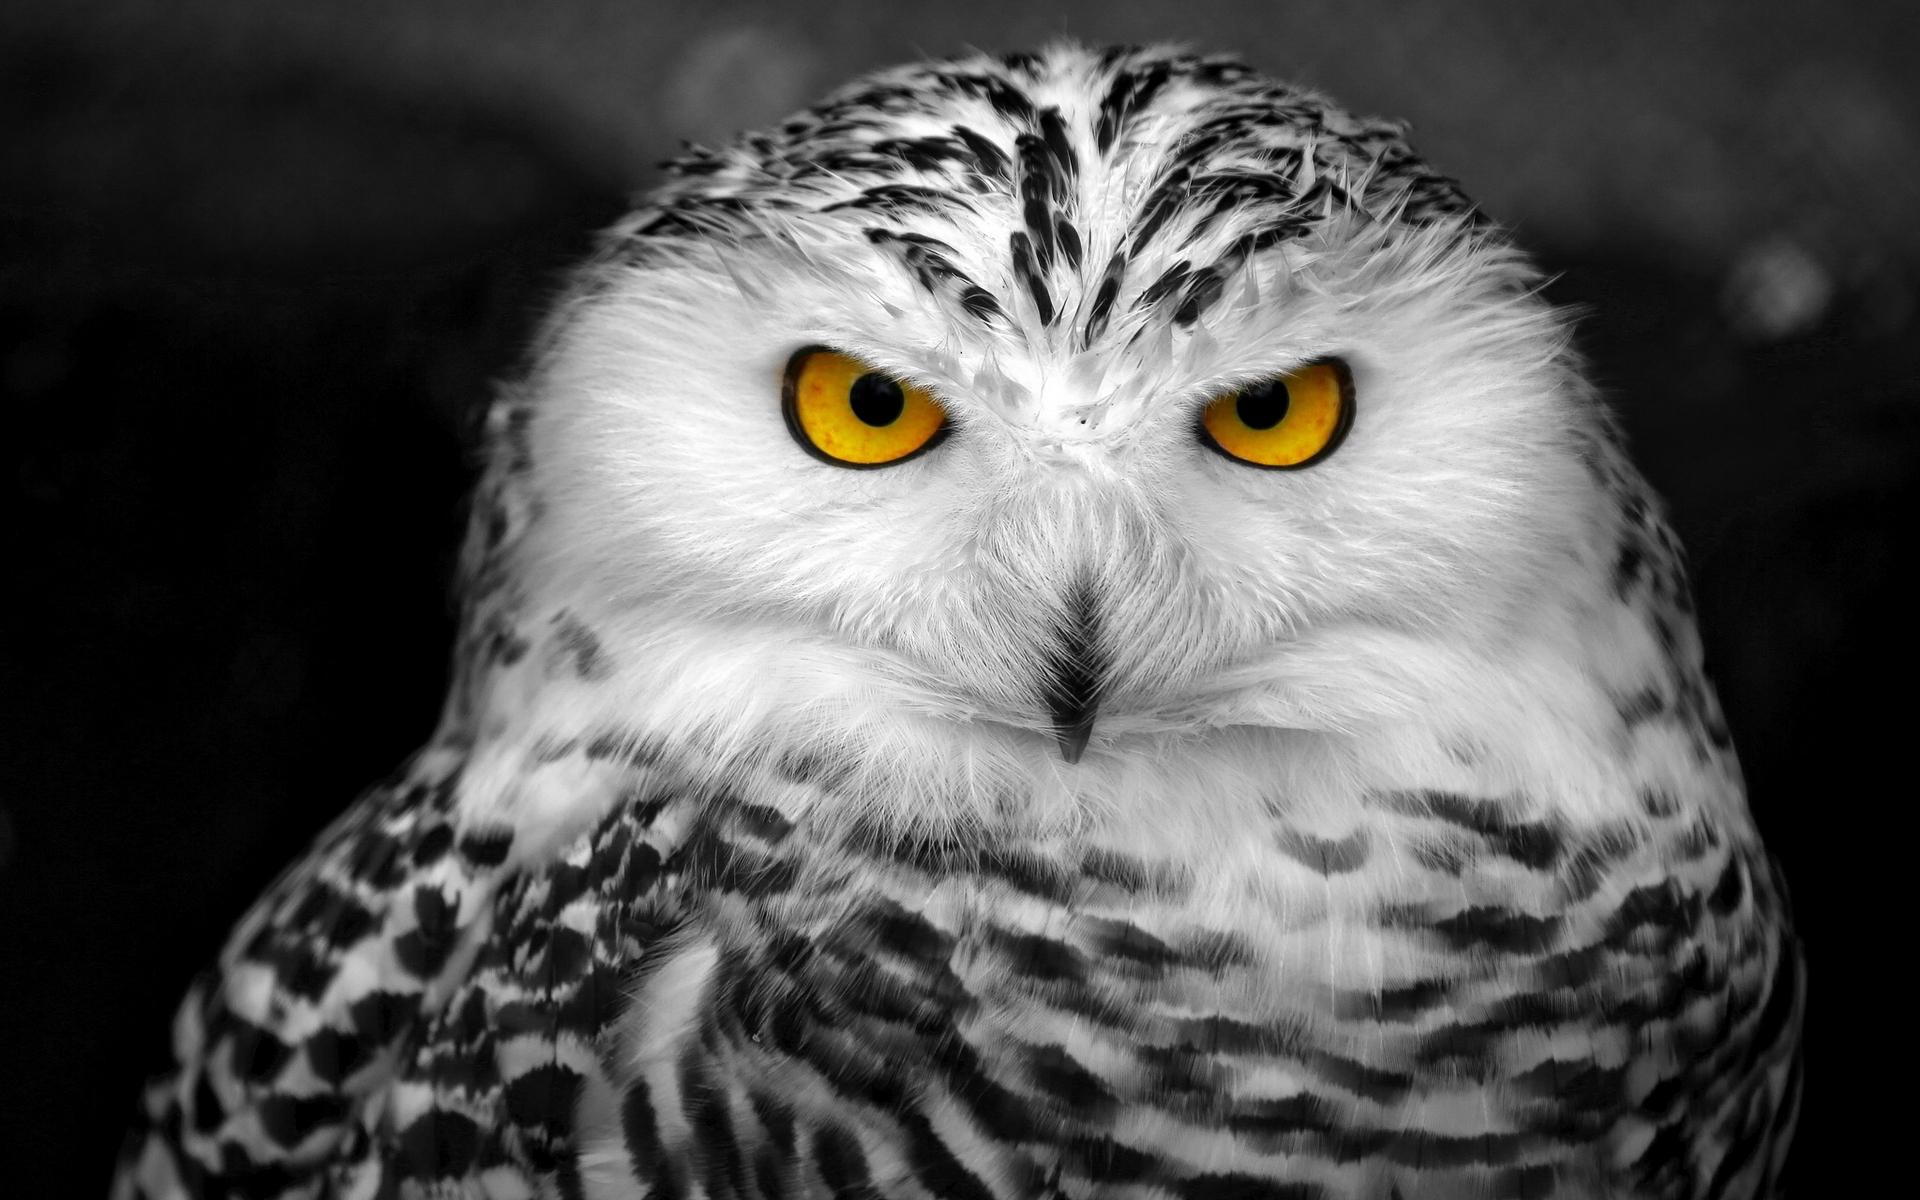 Owl Wallpaper A8 Hd Desktop Wallpapers 4k Hd